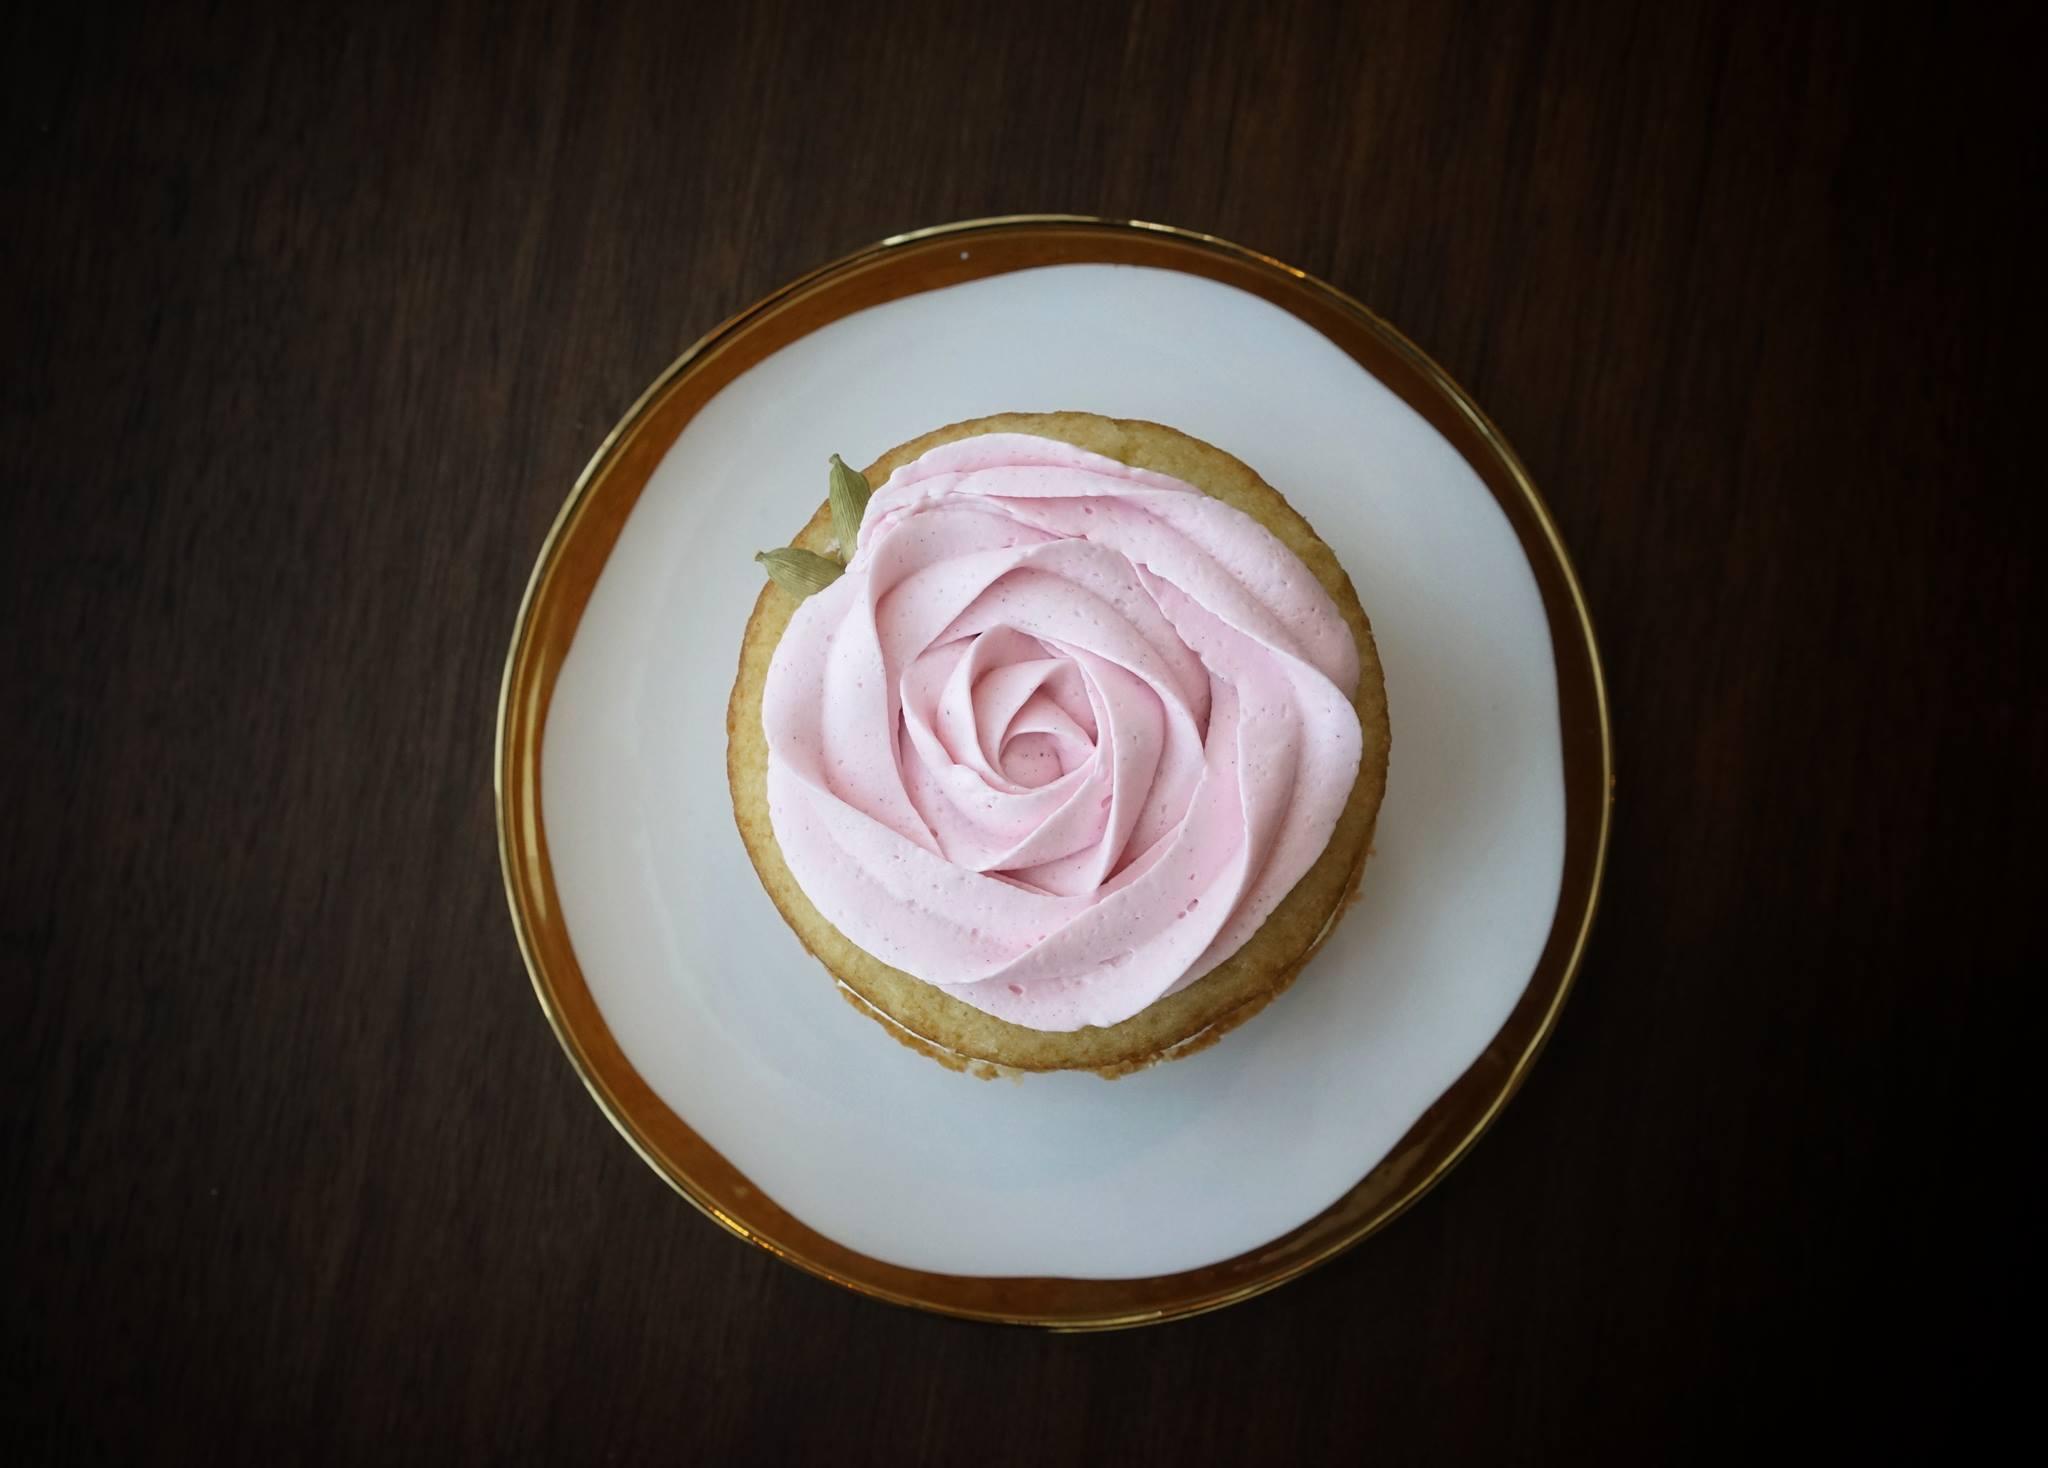 rose photo.jpg